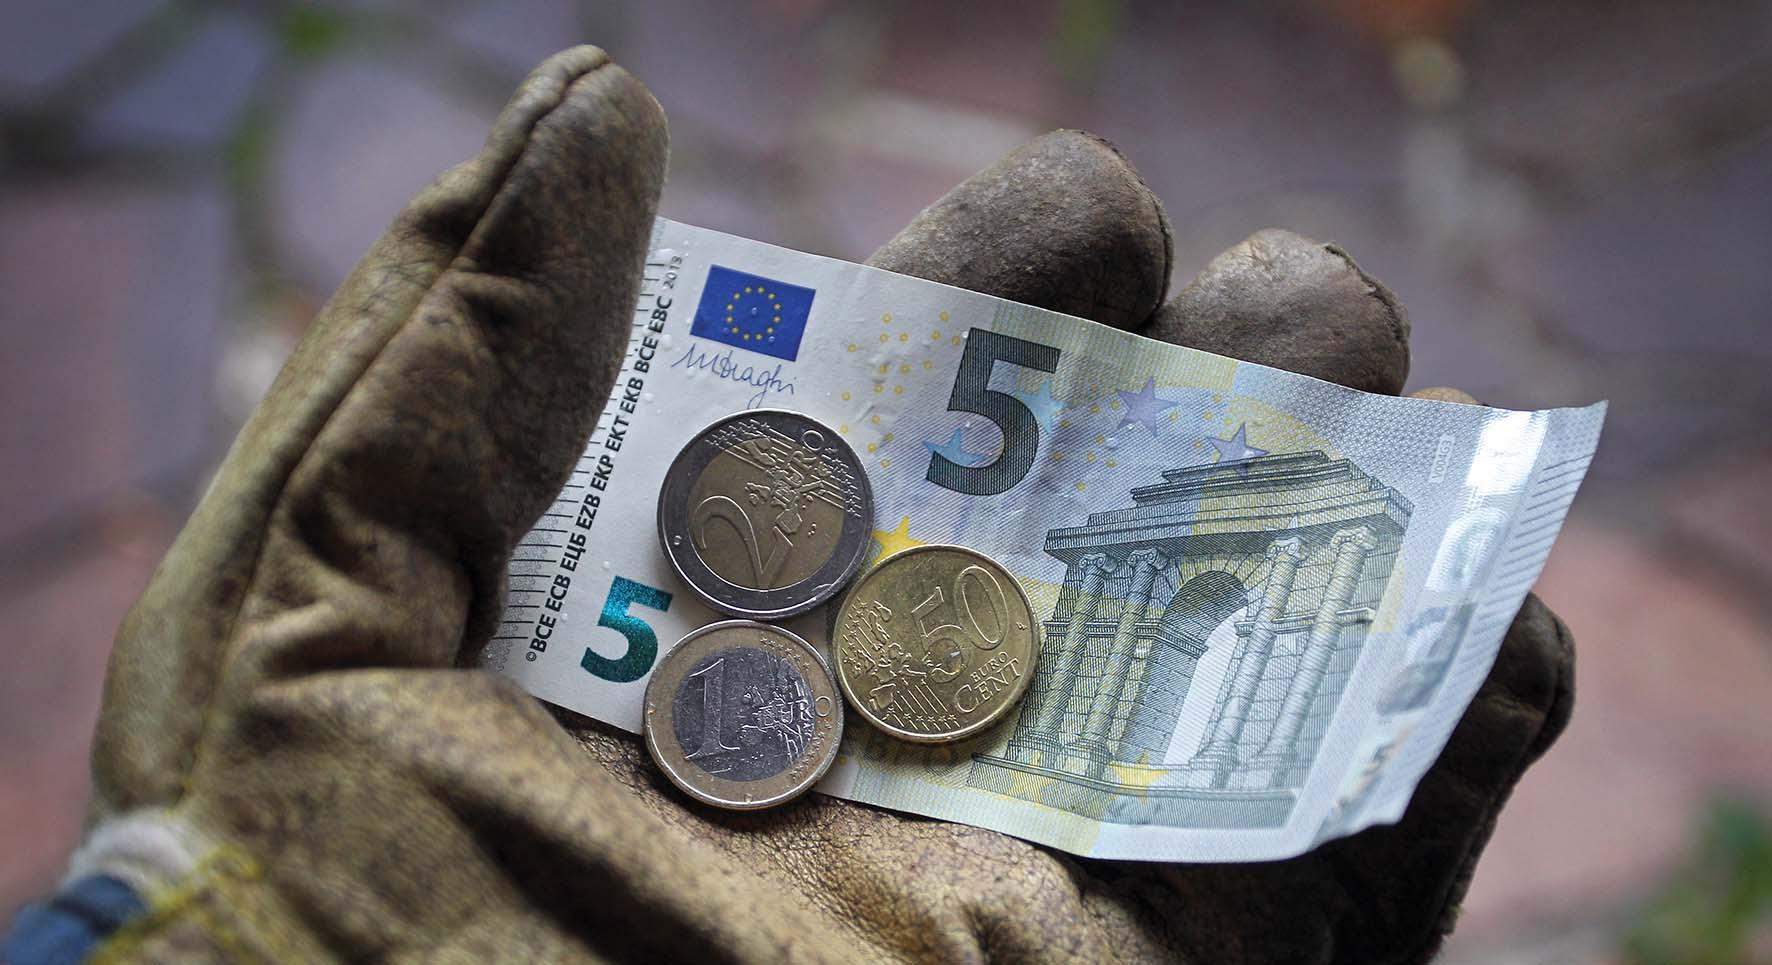 euro soldi mano guanto da lavoro